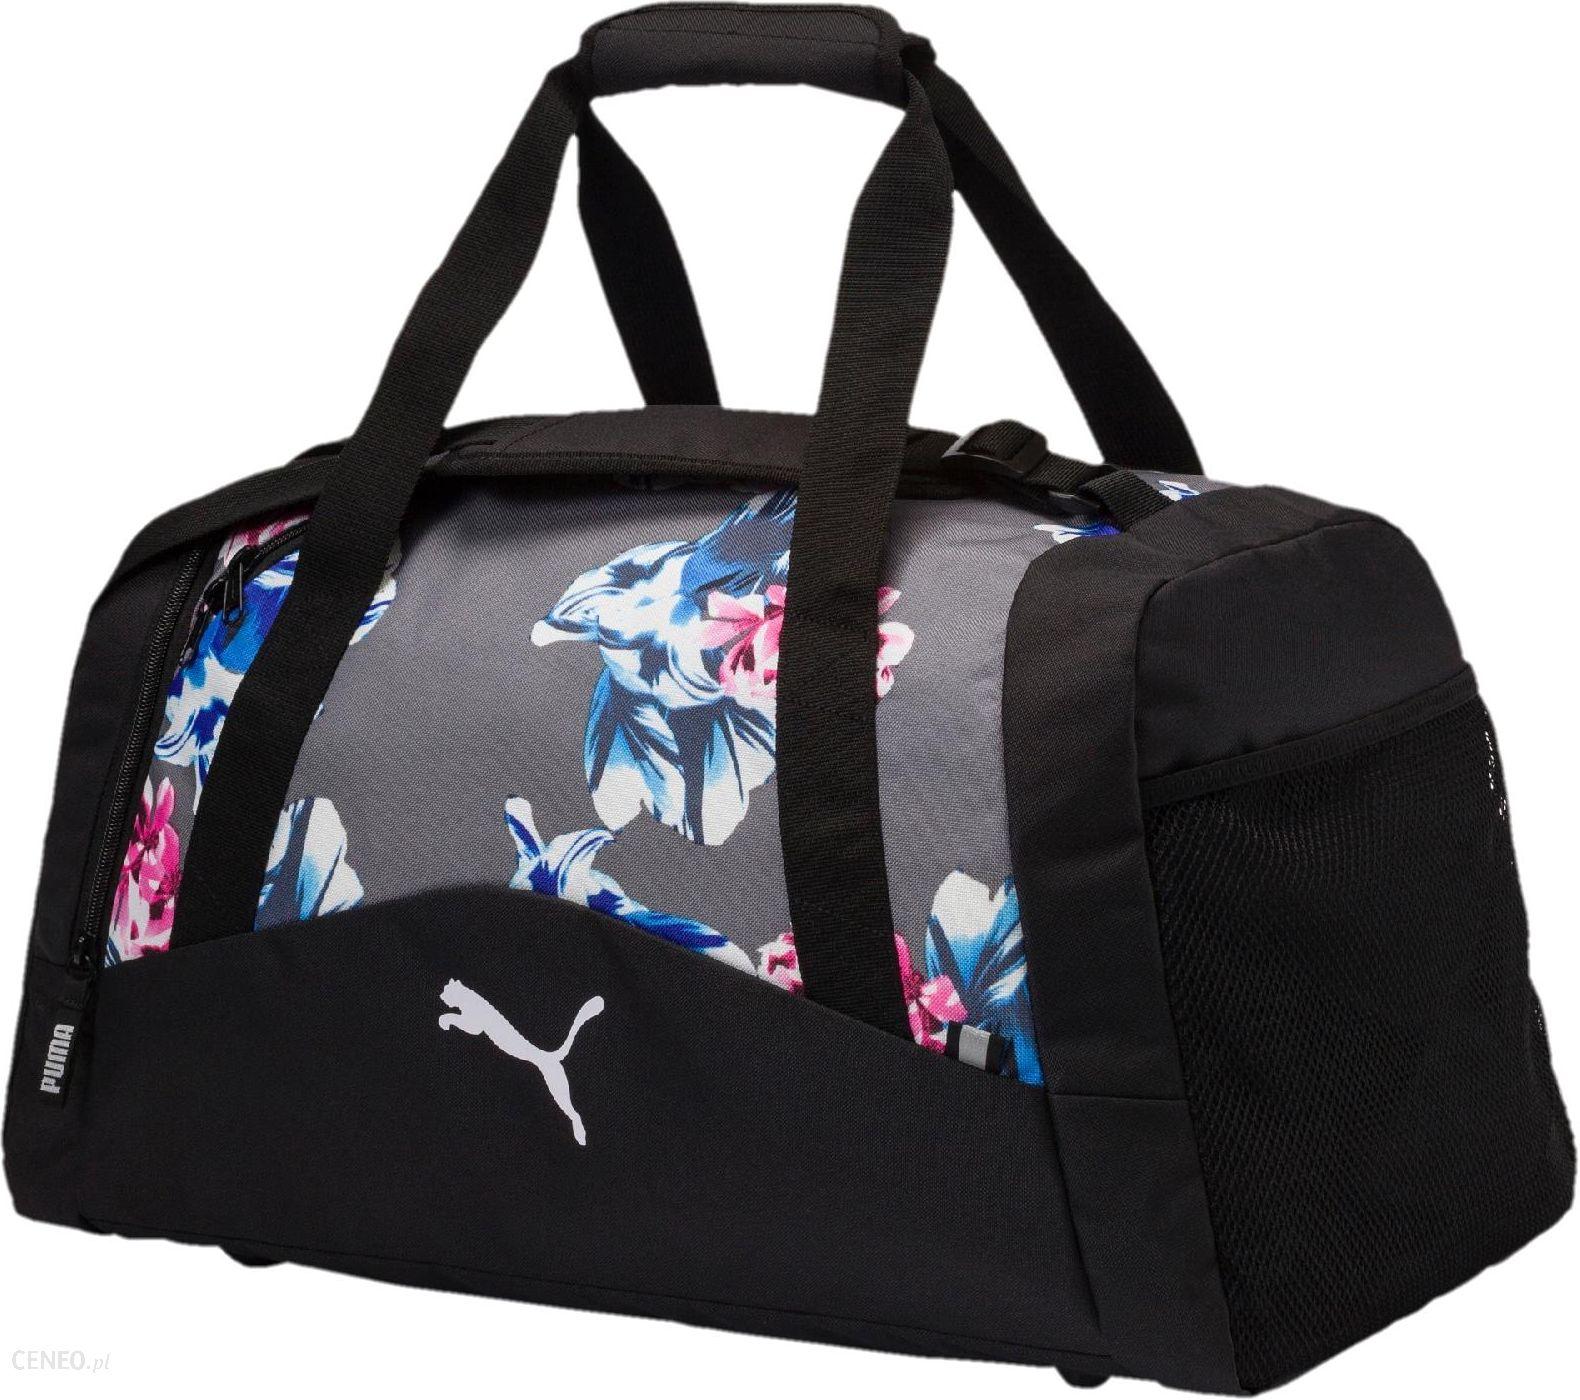 9a169e5c9876f Puma Torba Sportowa Fund. Sports Bag Graphic M Steel Gray Fl - zdjęcie 1